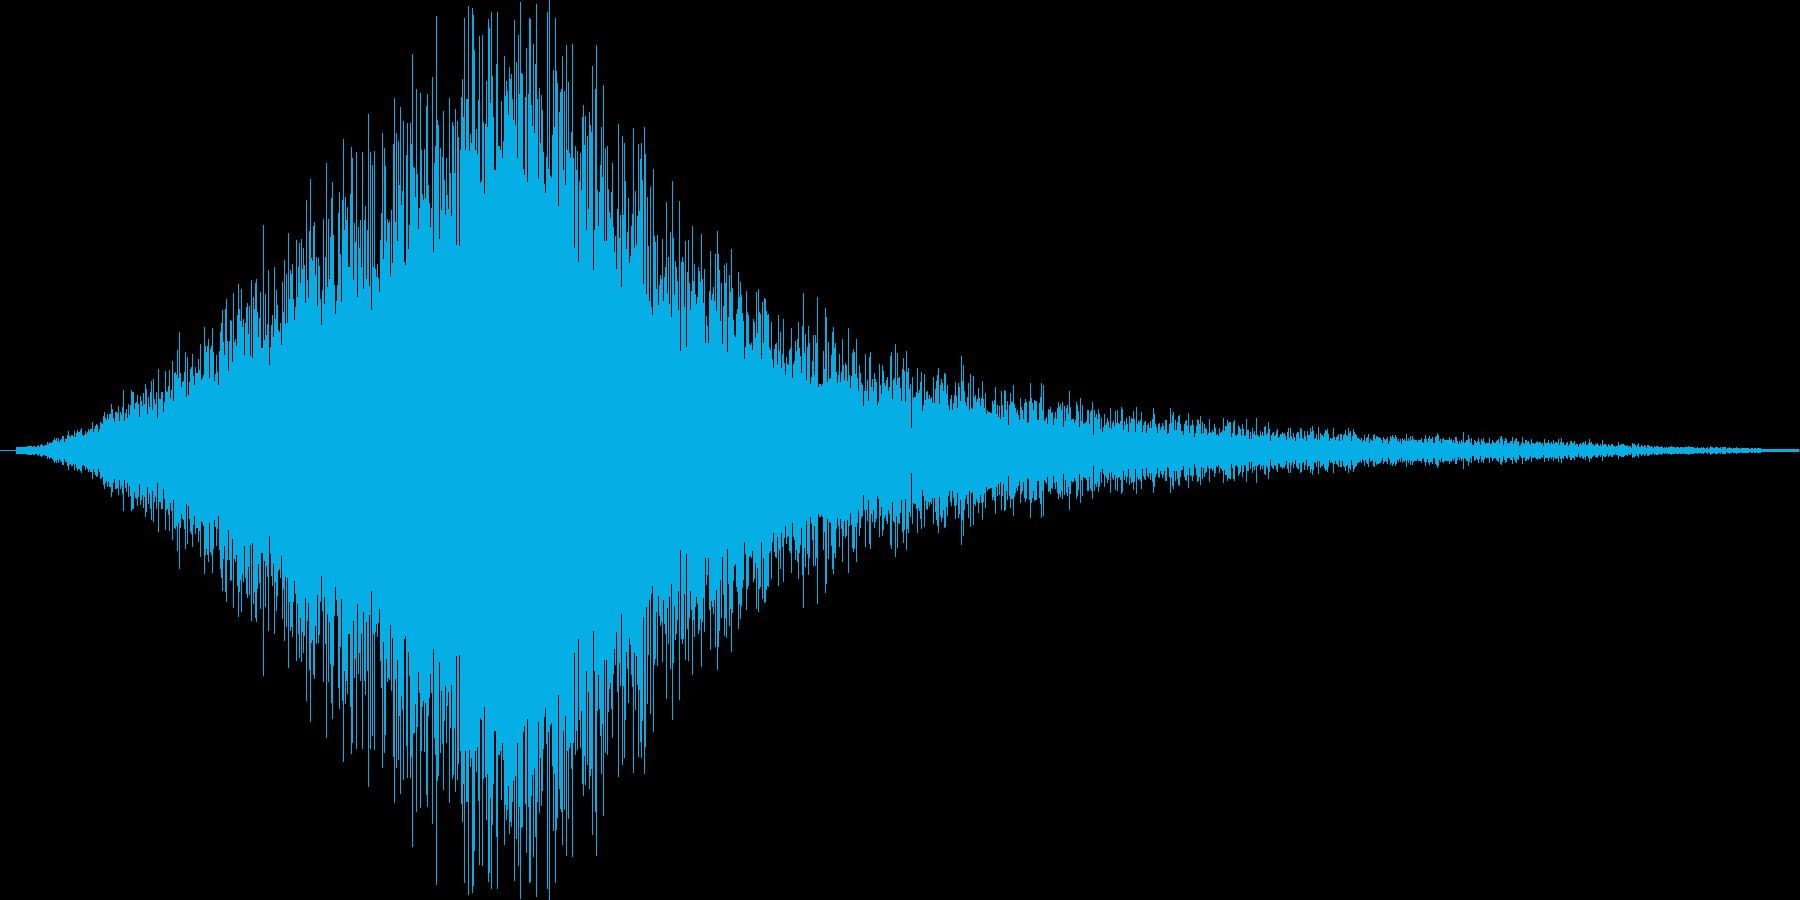 シュイィィ。ジャンプ・舞い降りる音の再生済みの波形